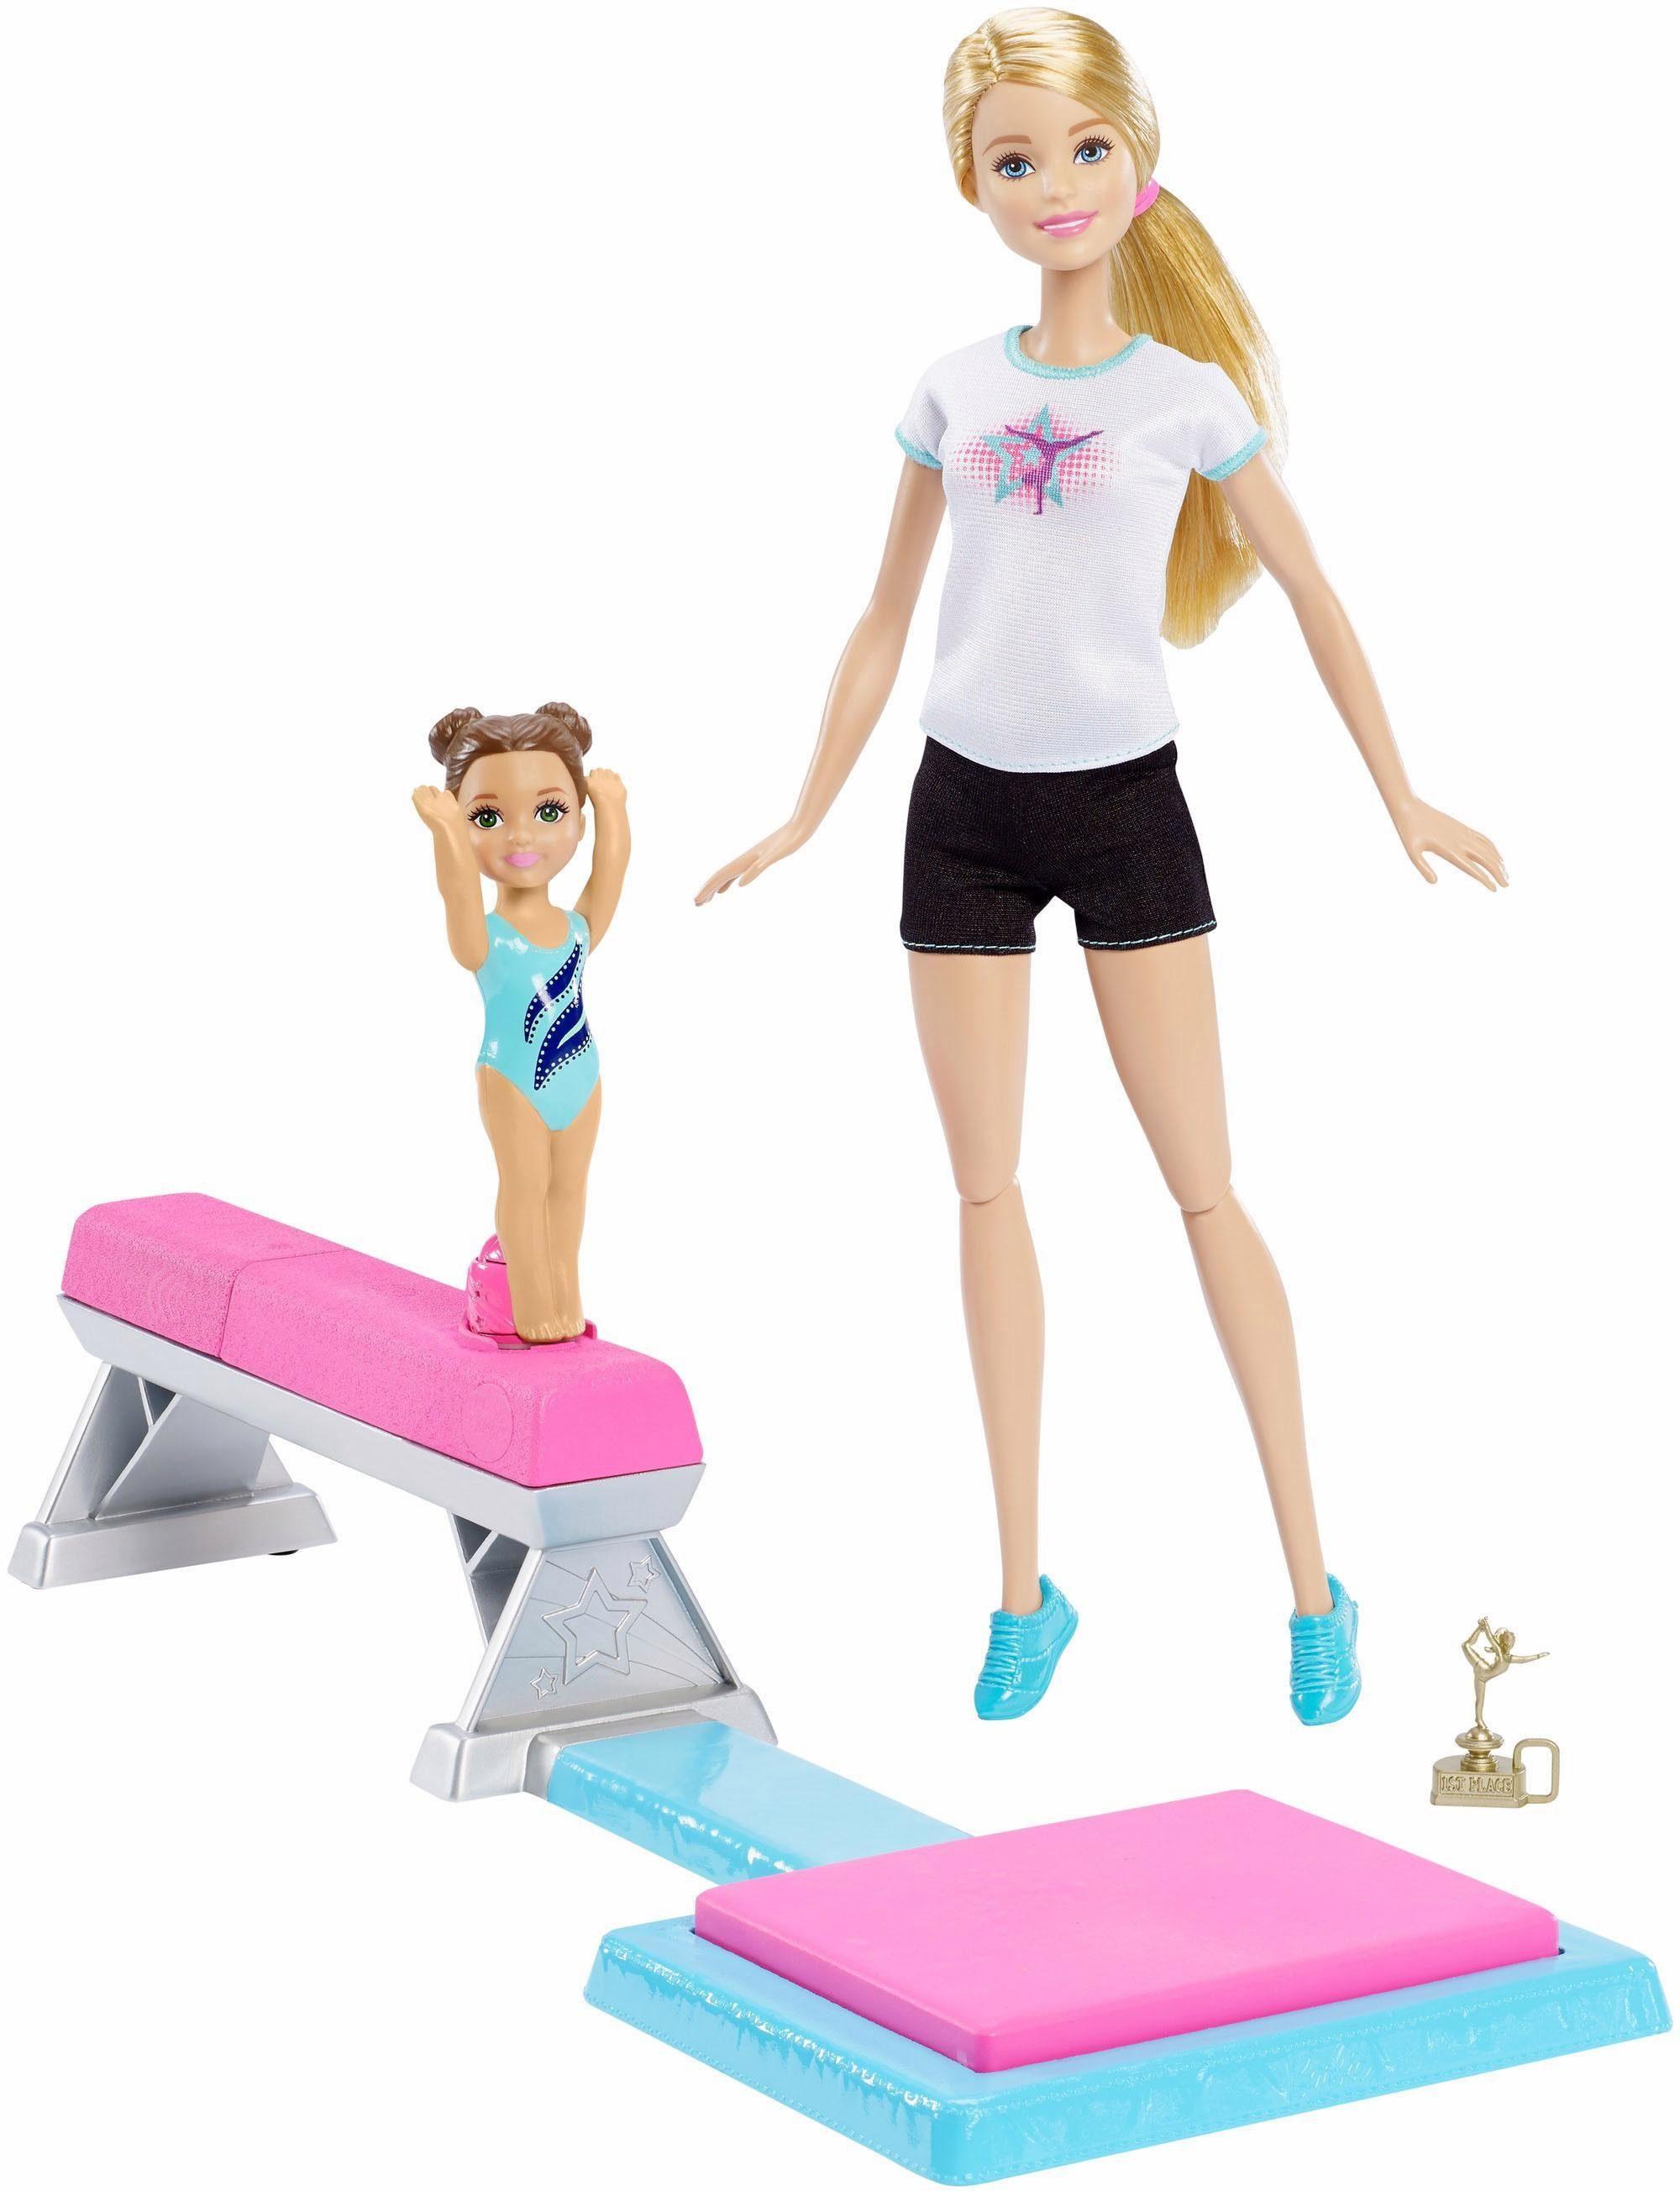 Mattel Puppen mit Spielset , »Barbie Kunstturnen Schwebebalken«